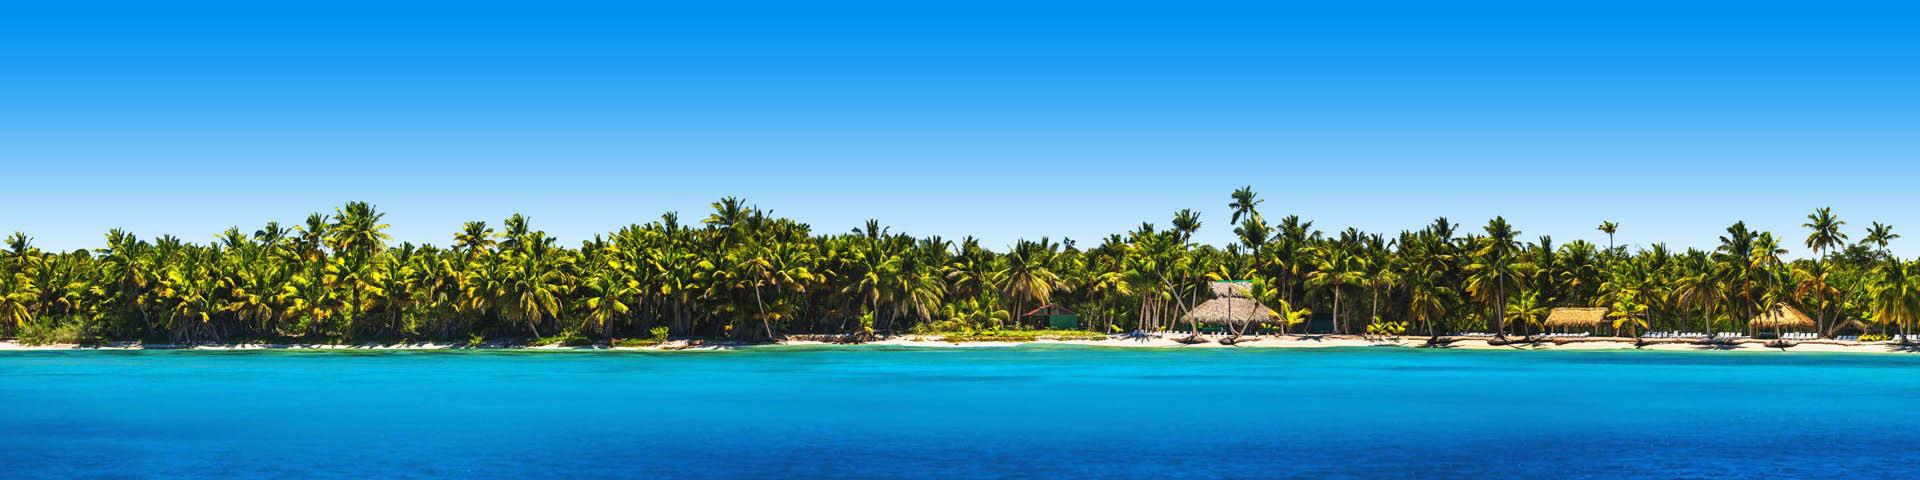 Strand met palmbomen en felblauwe zee Dominicaanse Republiek